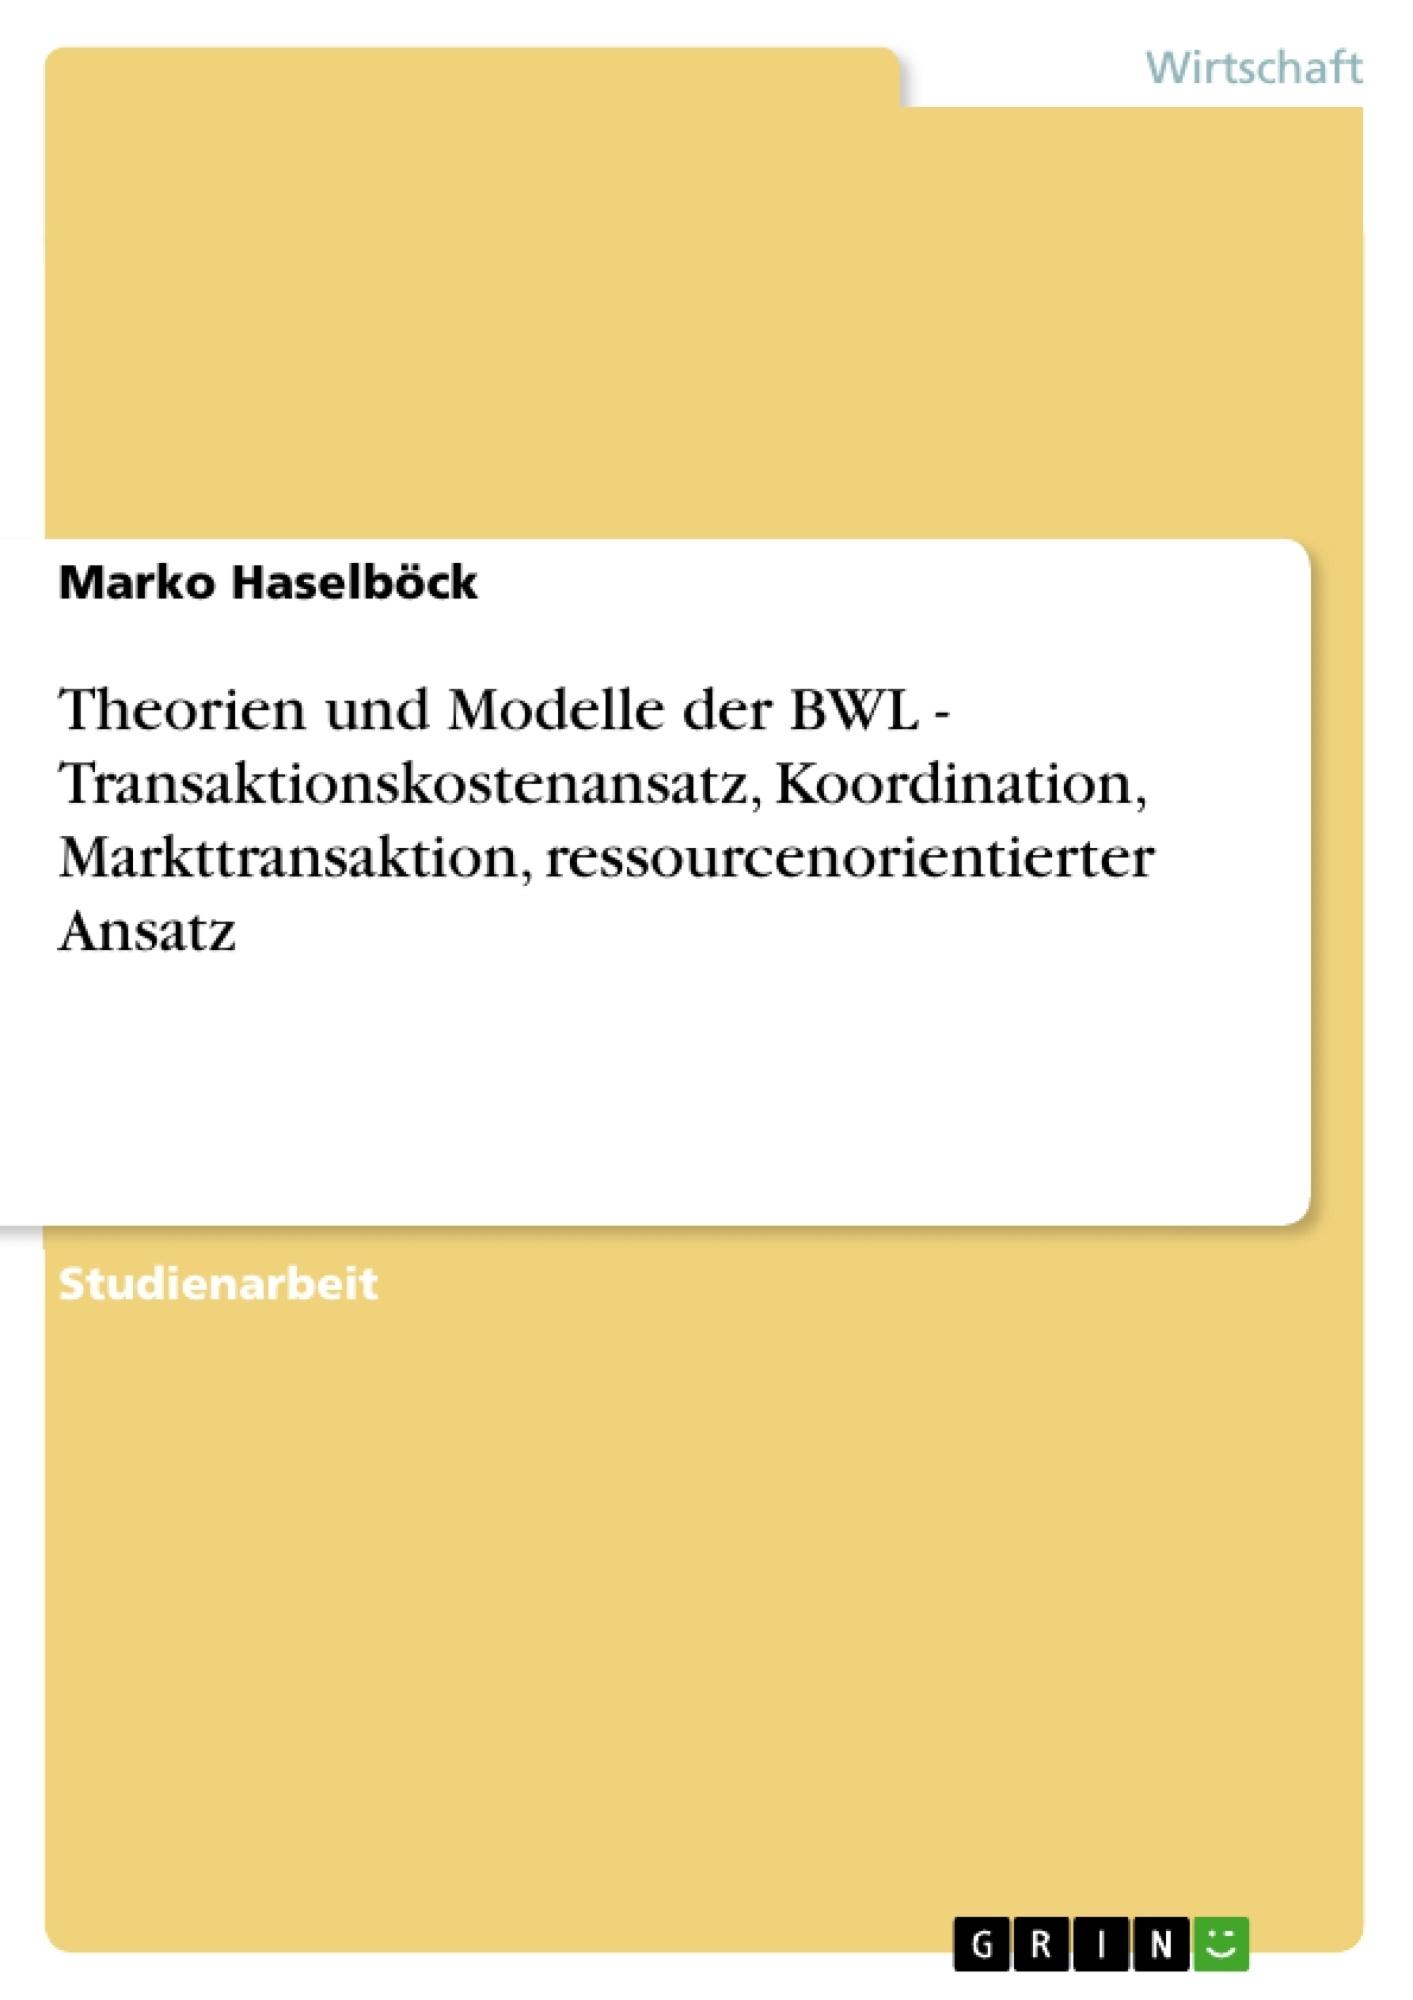 Titel: Theorien und Modelle der BWL - Transaktionskostenansatz, Koordination, Markttransaktion, ressourcenorientierter Ansatz